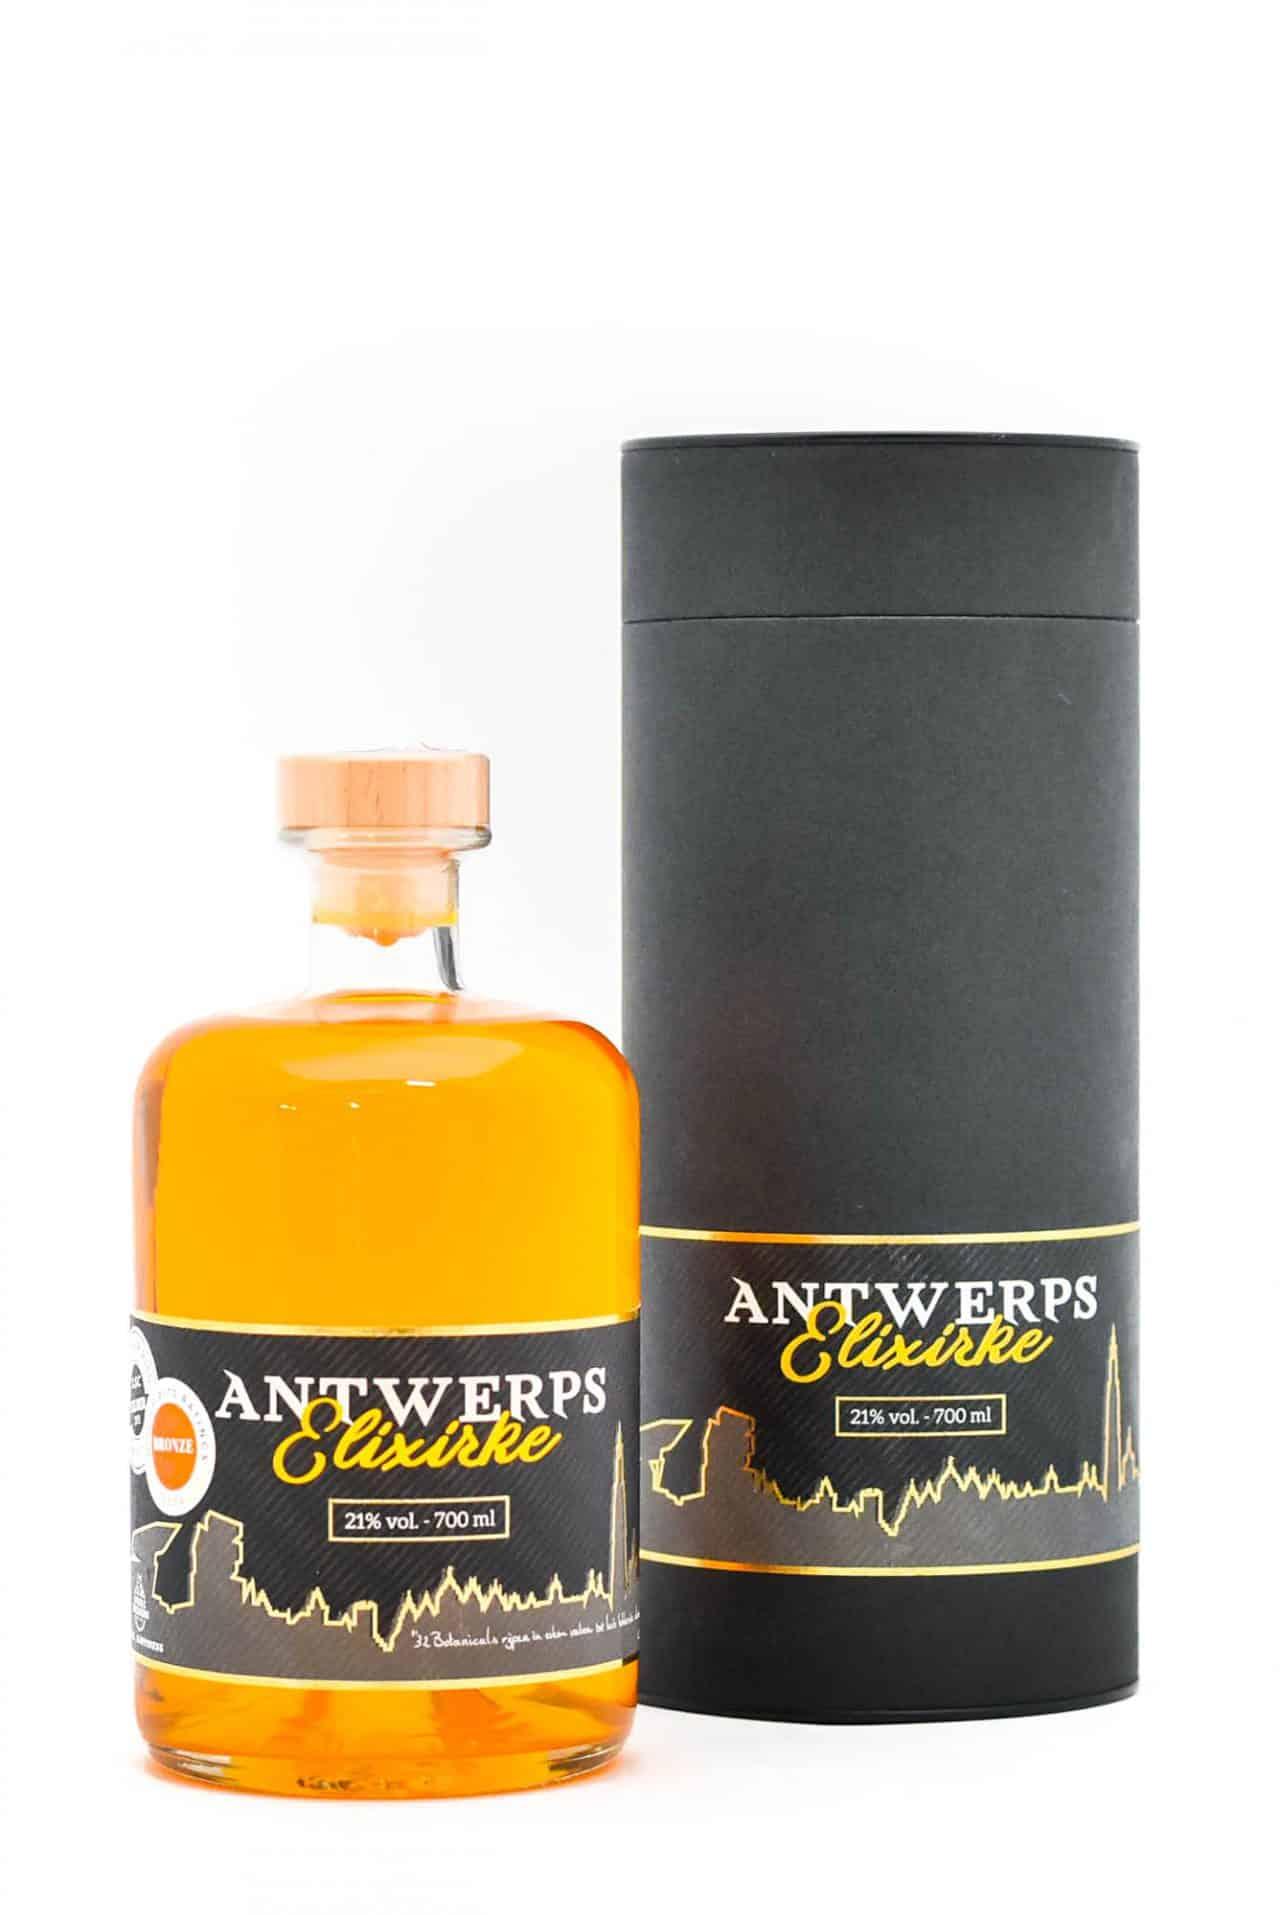 Antwerps Elixirke met doos van Sterkstokers product